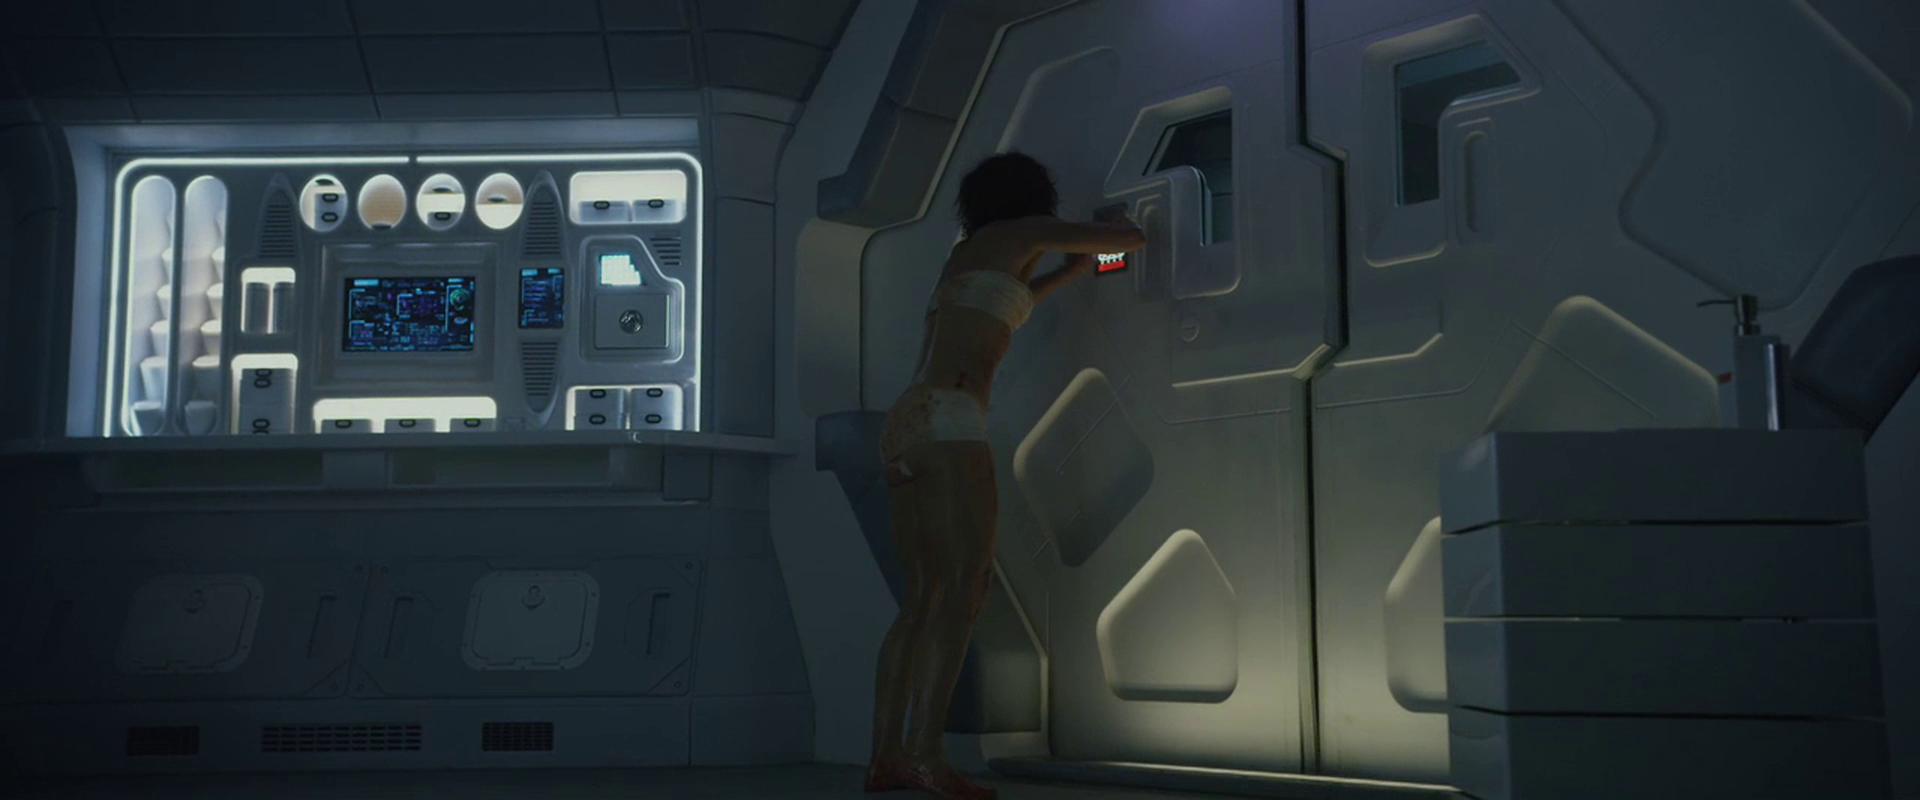 Prometheus Door Access Panel